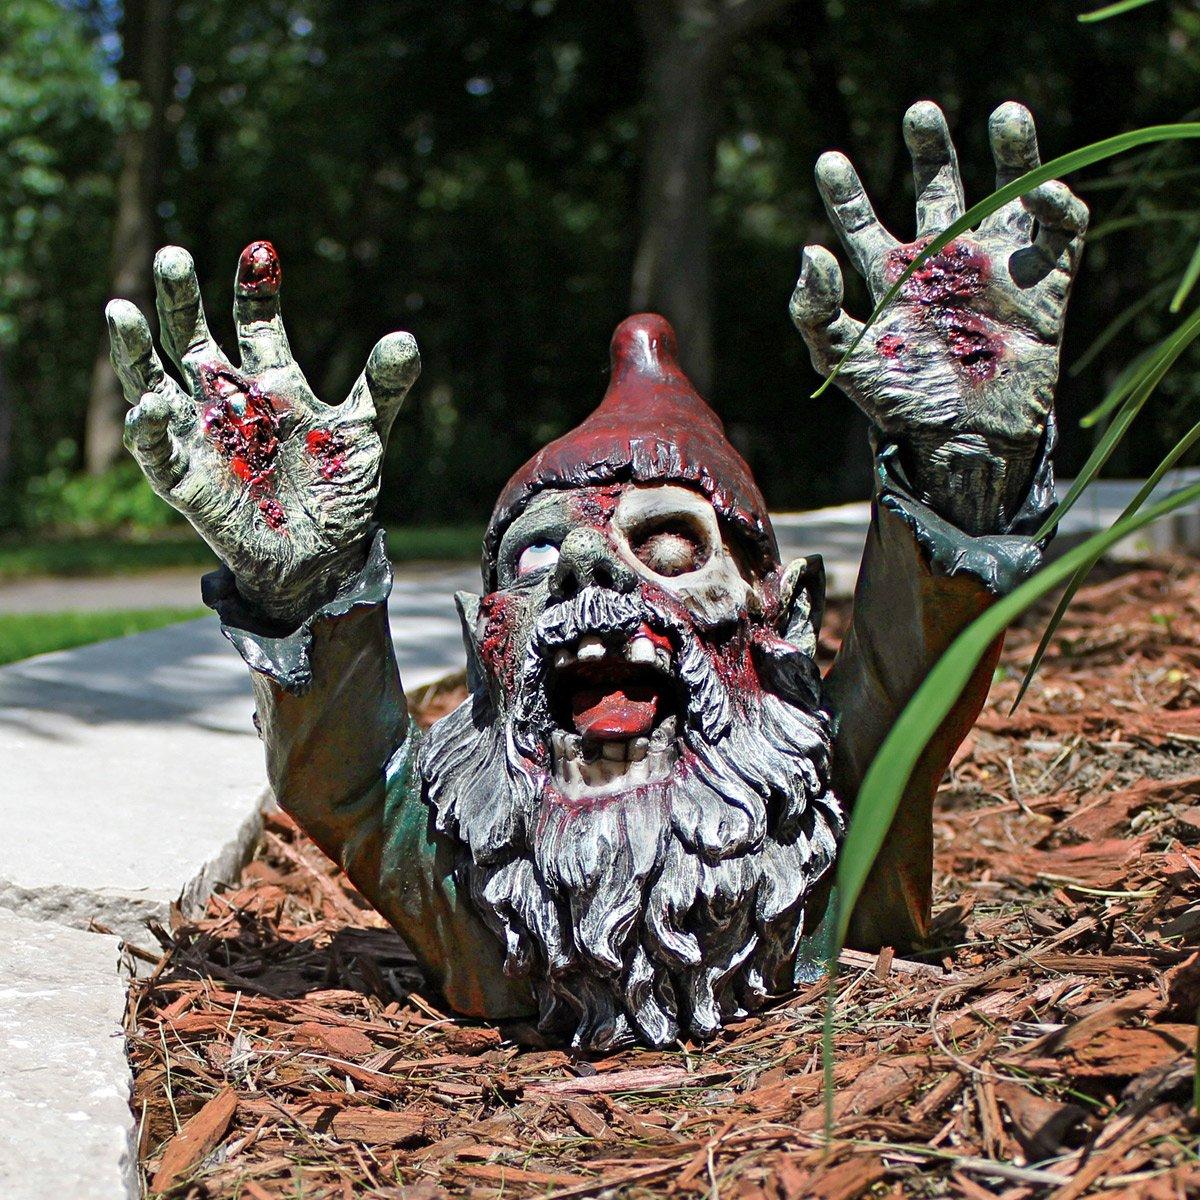 gnombie-undead-zombie-garden-gnome-2.jpg